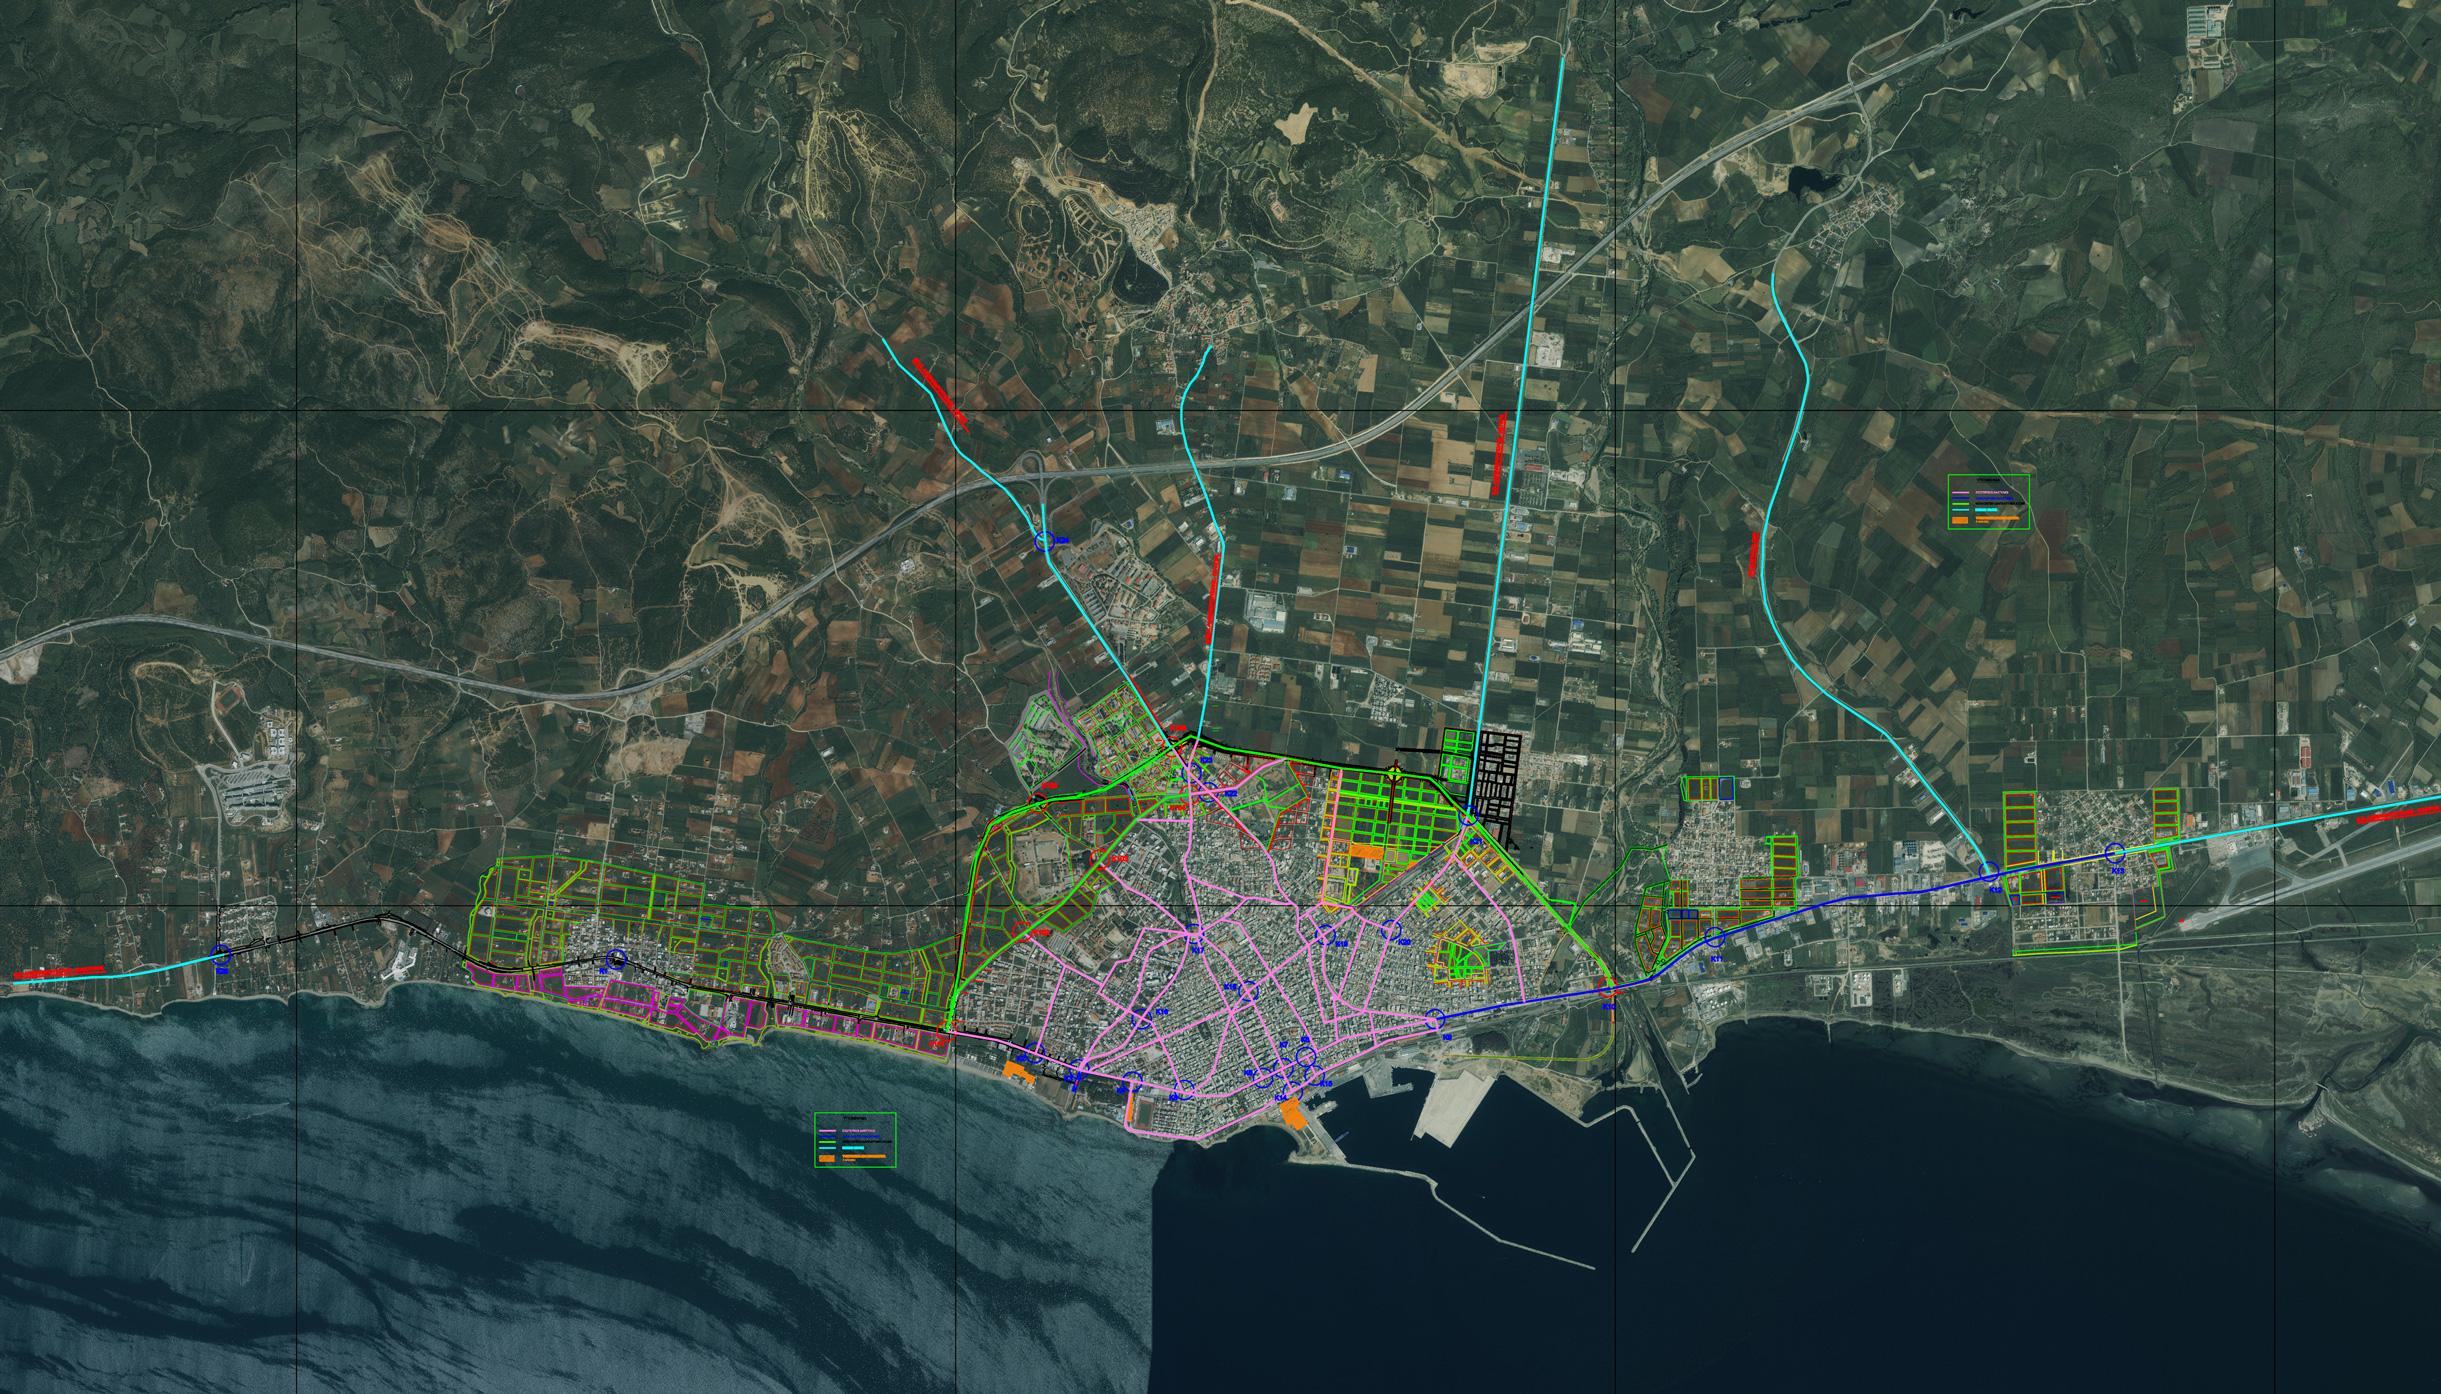 ΟΕ 11/6/2012 - Περιοχή Μελέτης της Κυκλοφοριακής Μελέτης στην Αλεξανδρούπολη